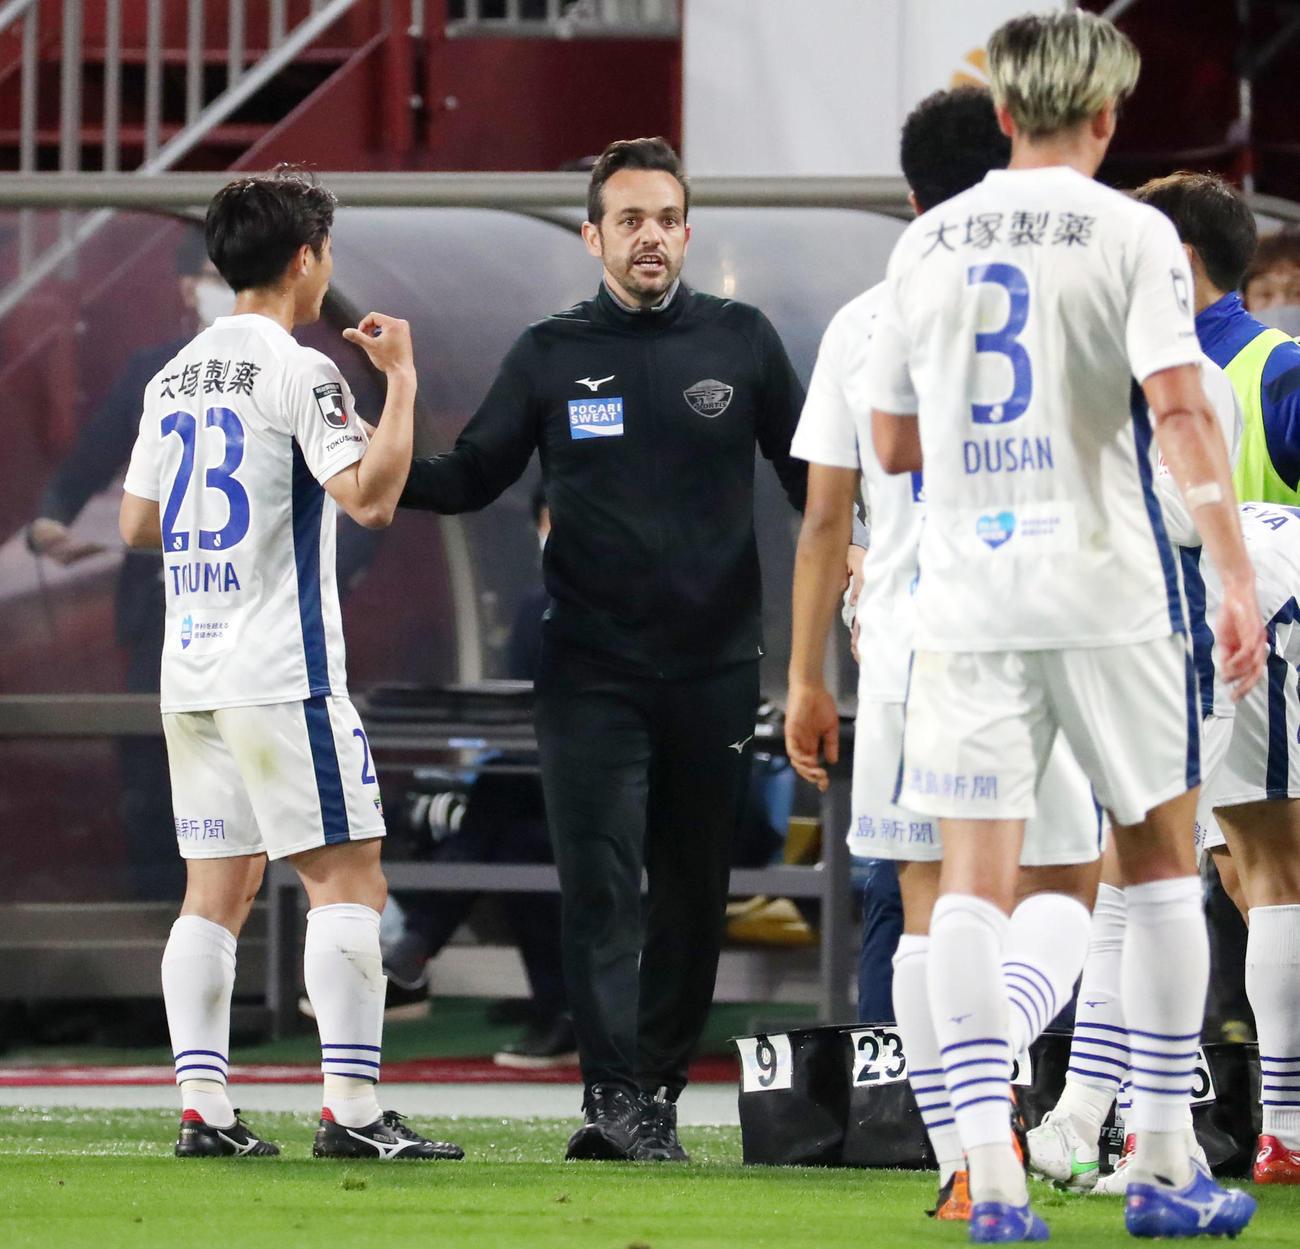 神戸対徳島 前半、飲水タイムで選手に指示を伝えるポヤトス監督(撮影・加藤哉)